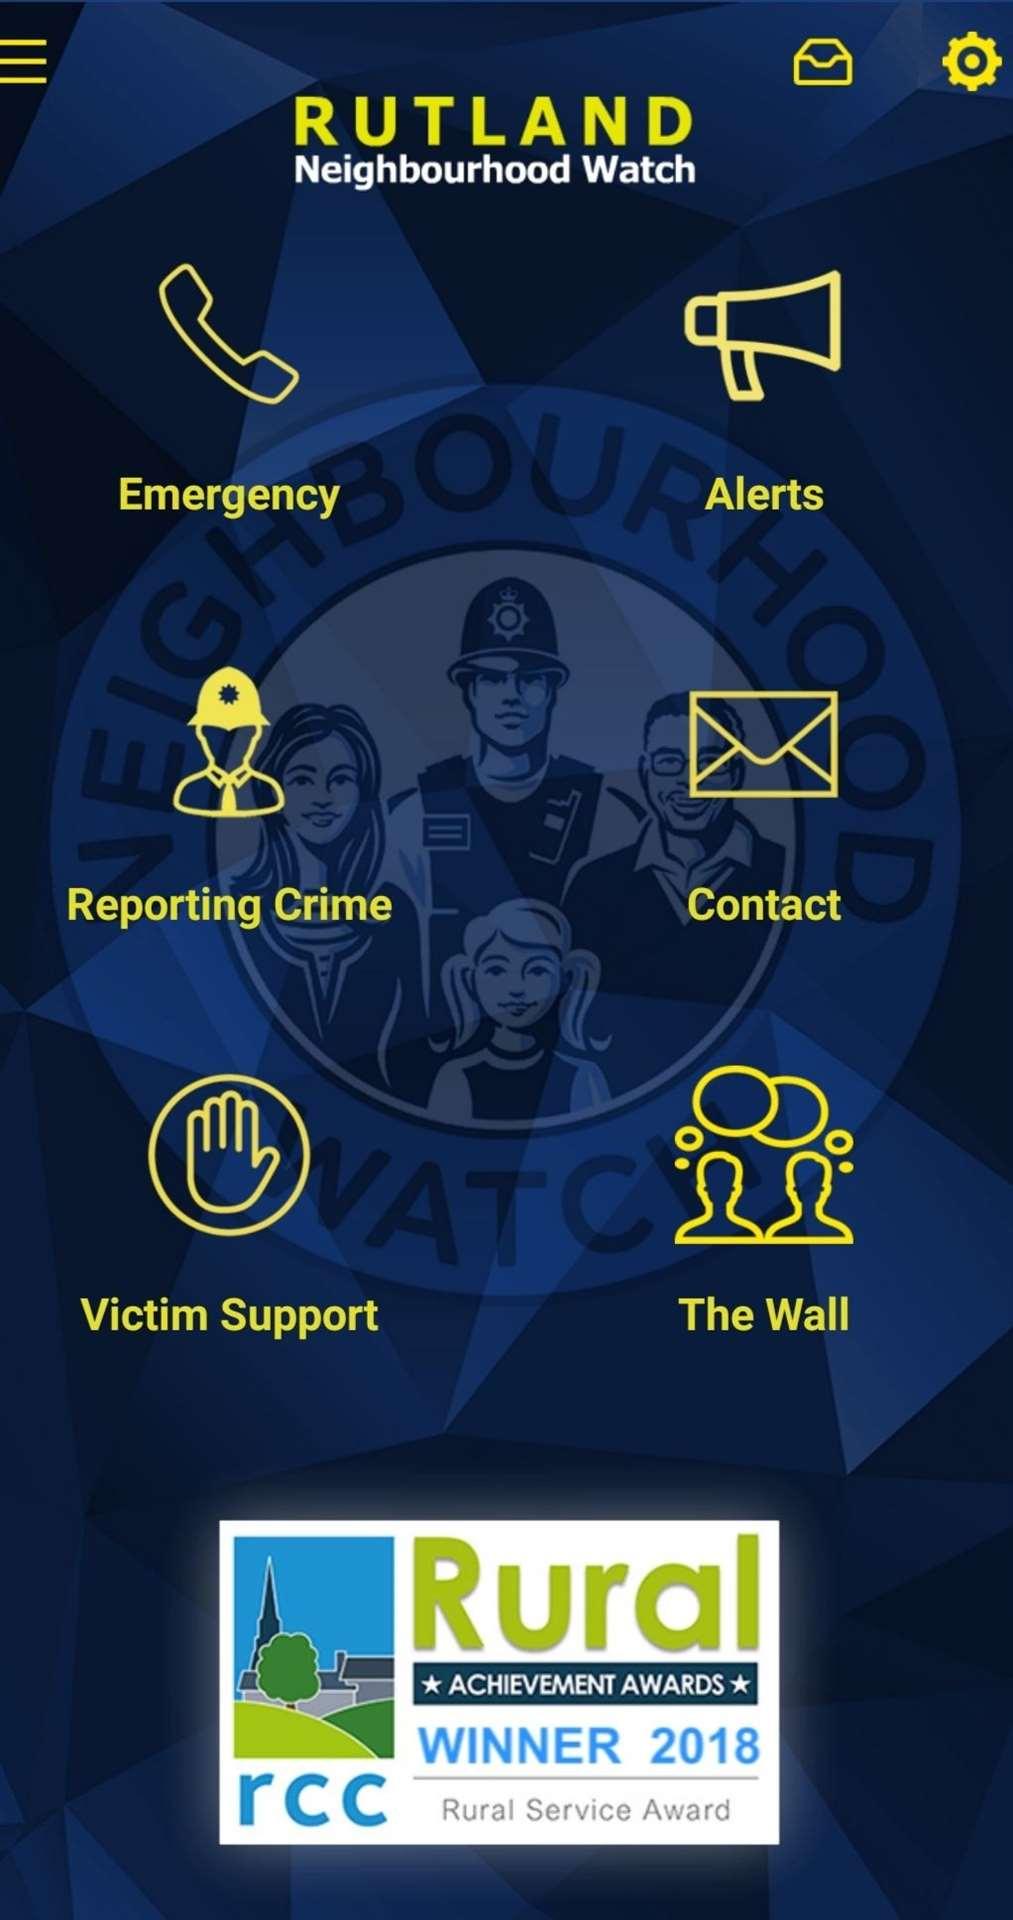 The Rutland Neighbourhood Watch app